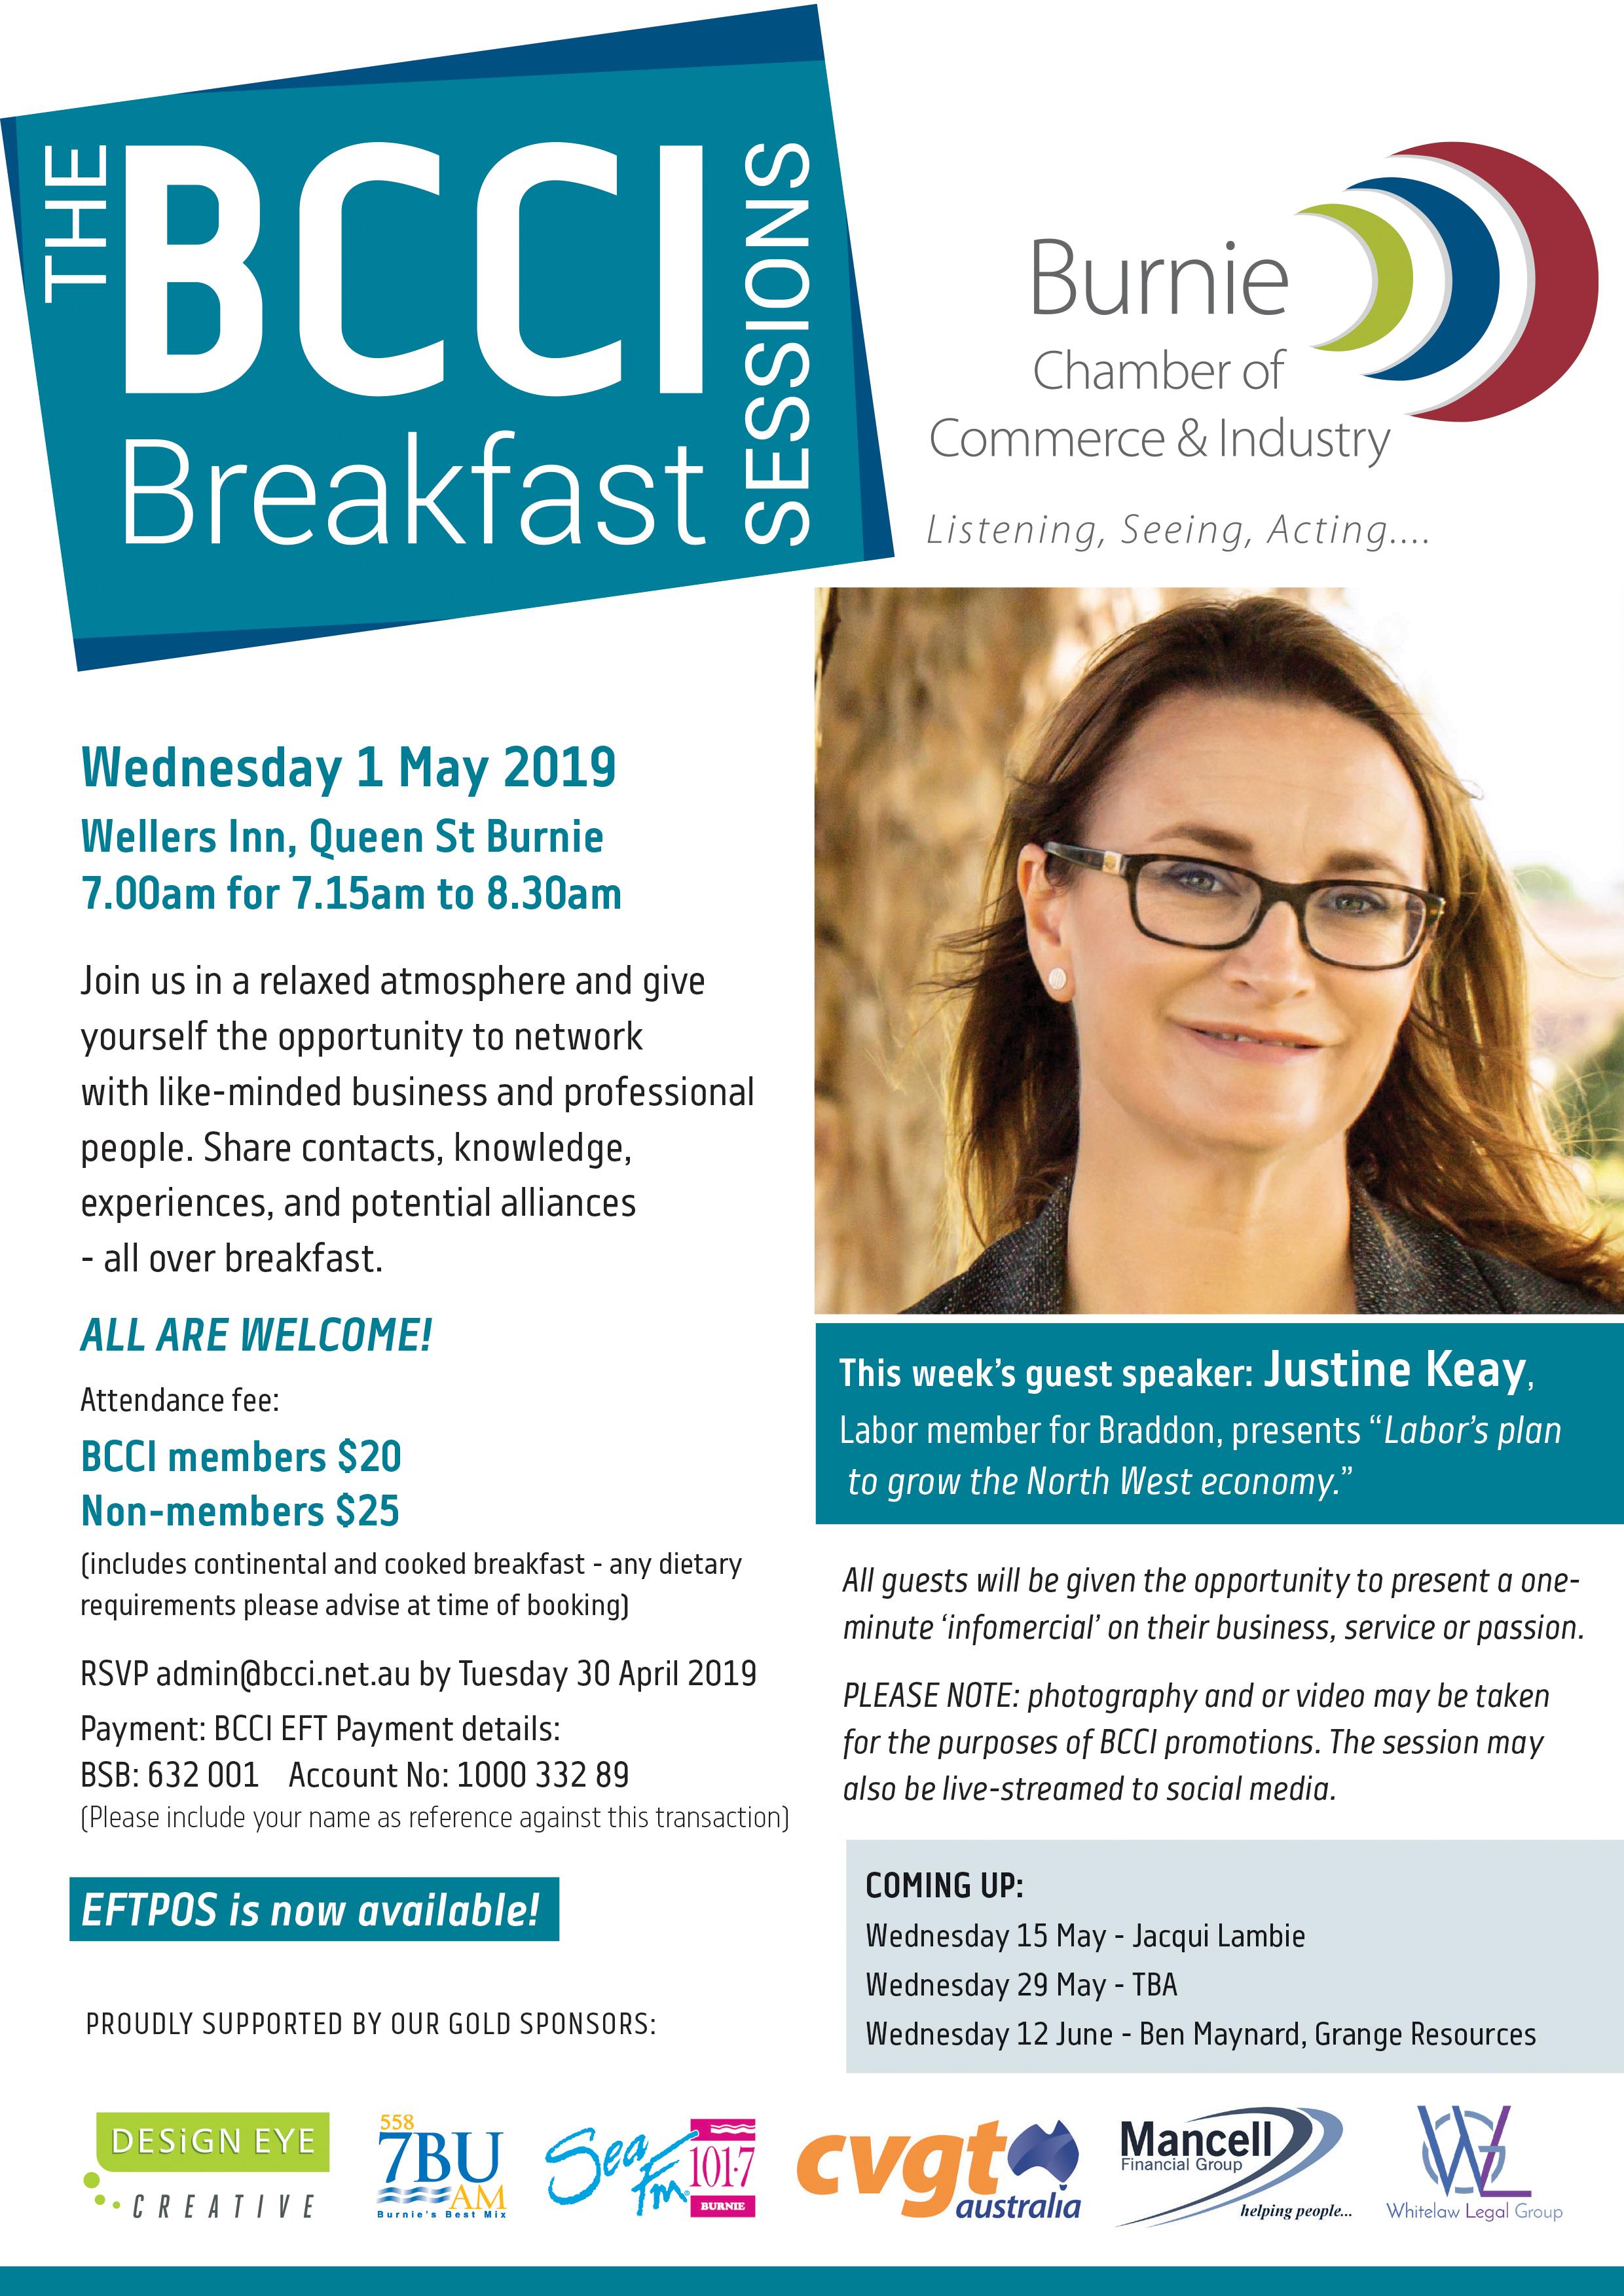 Justine Keay breakfast